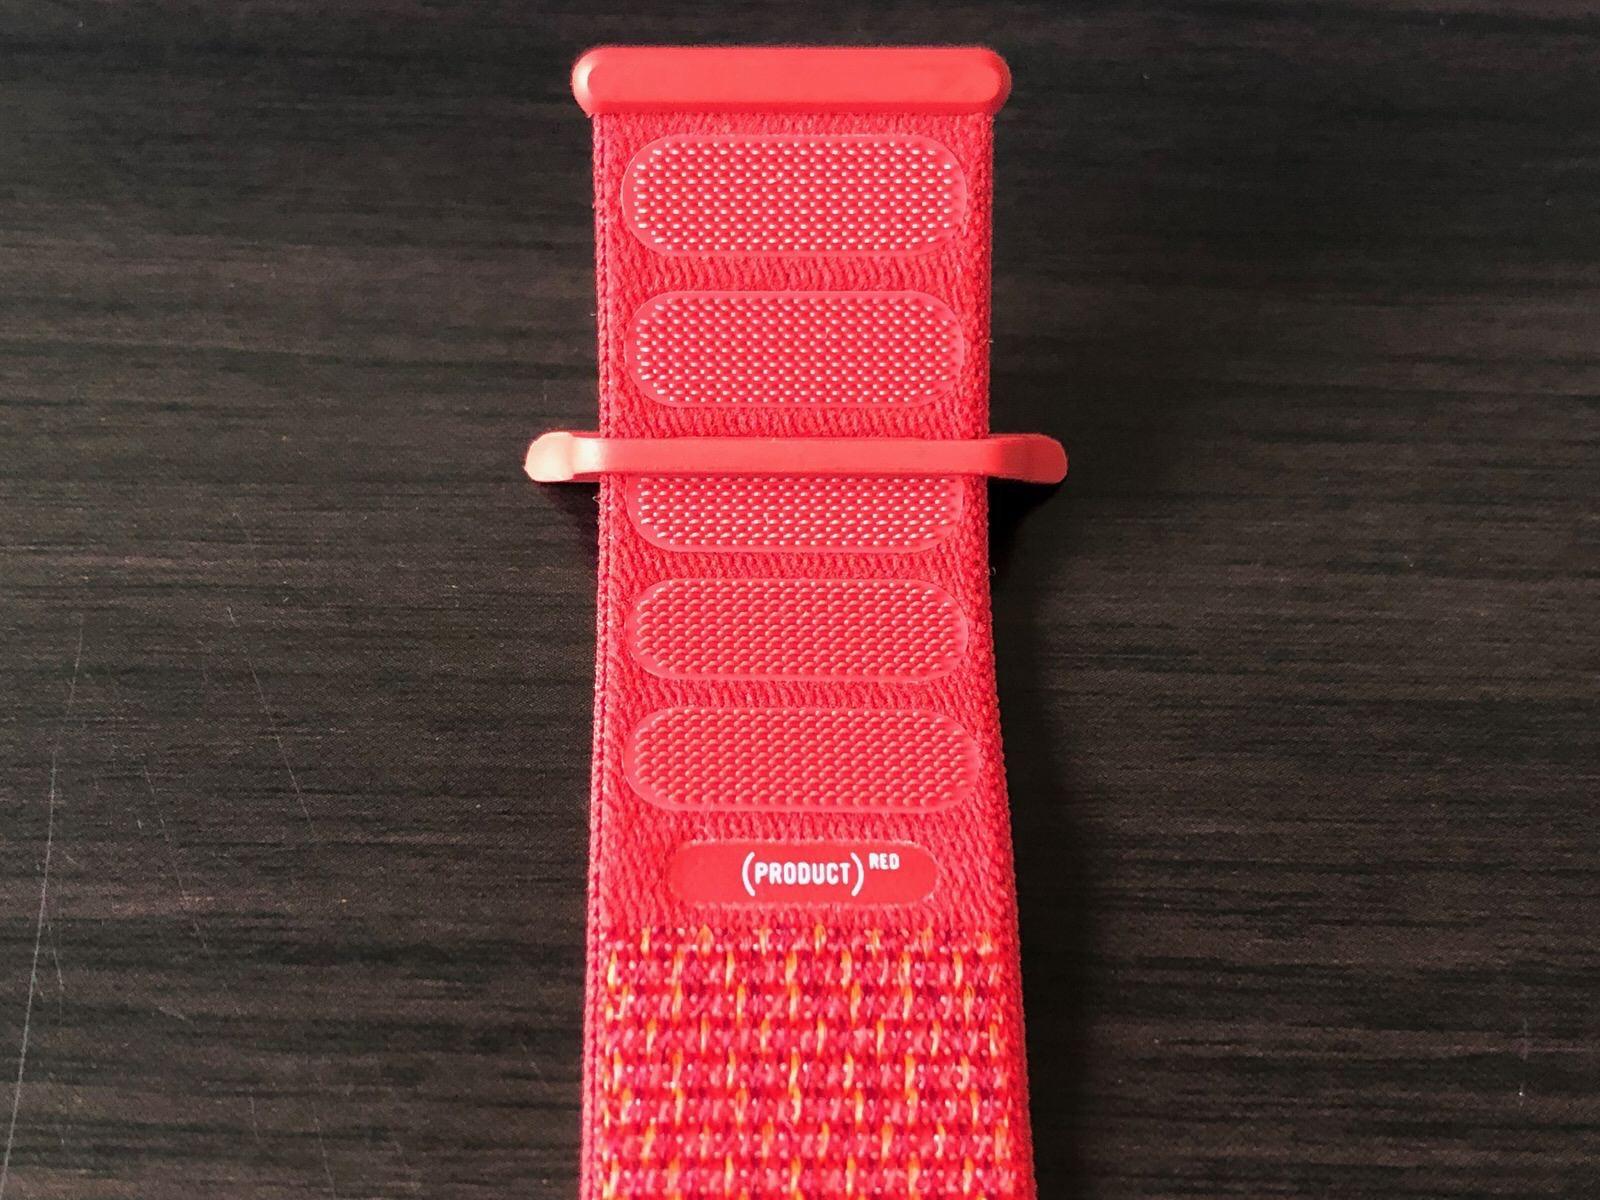 44mmケース用(PRODUCT)REDスポーツルー9